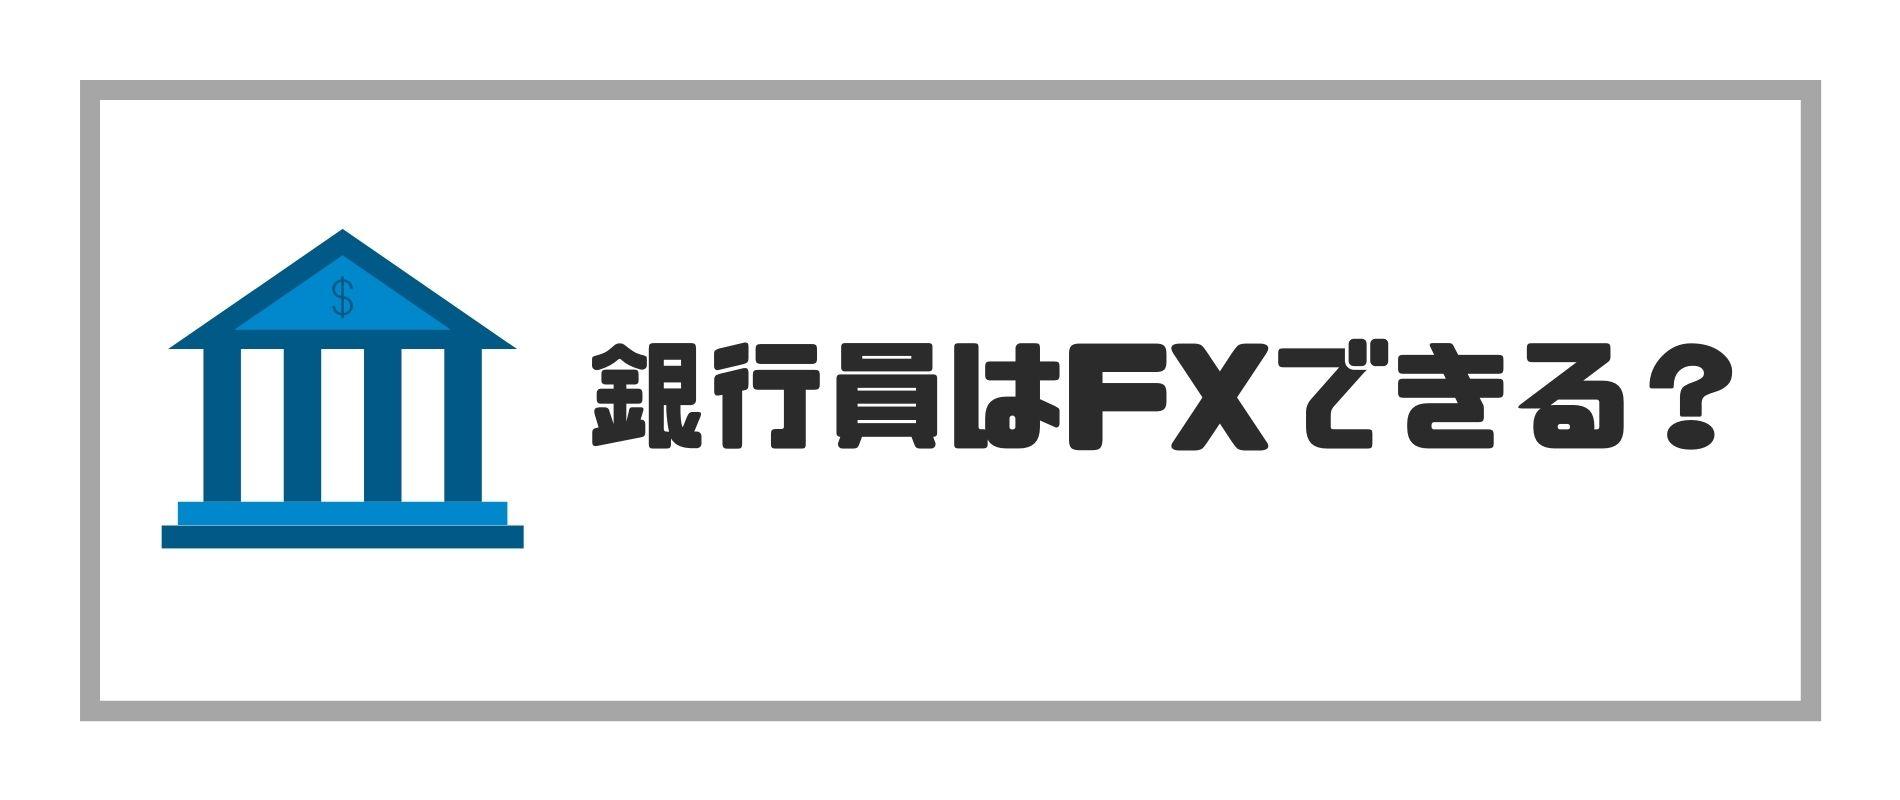 FX 銀行員